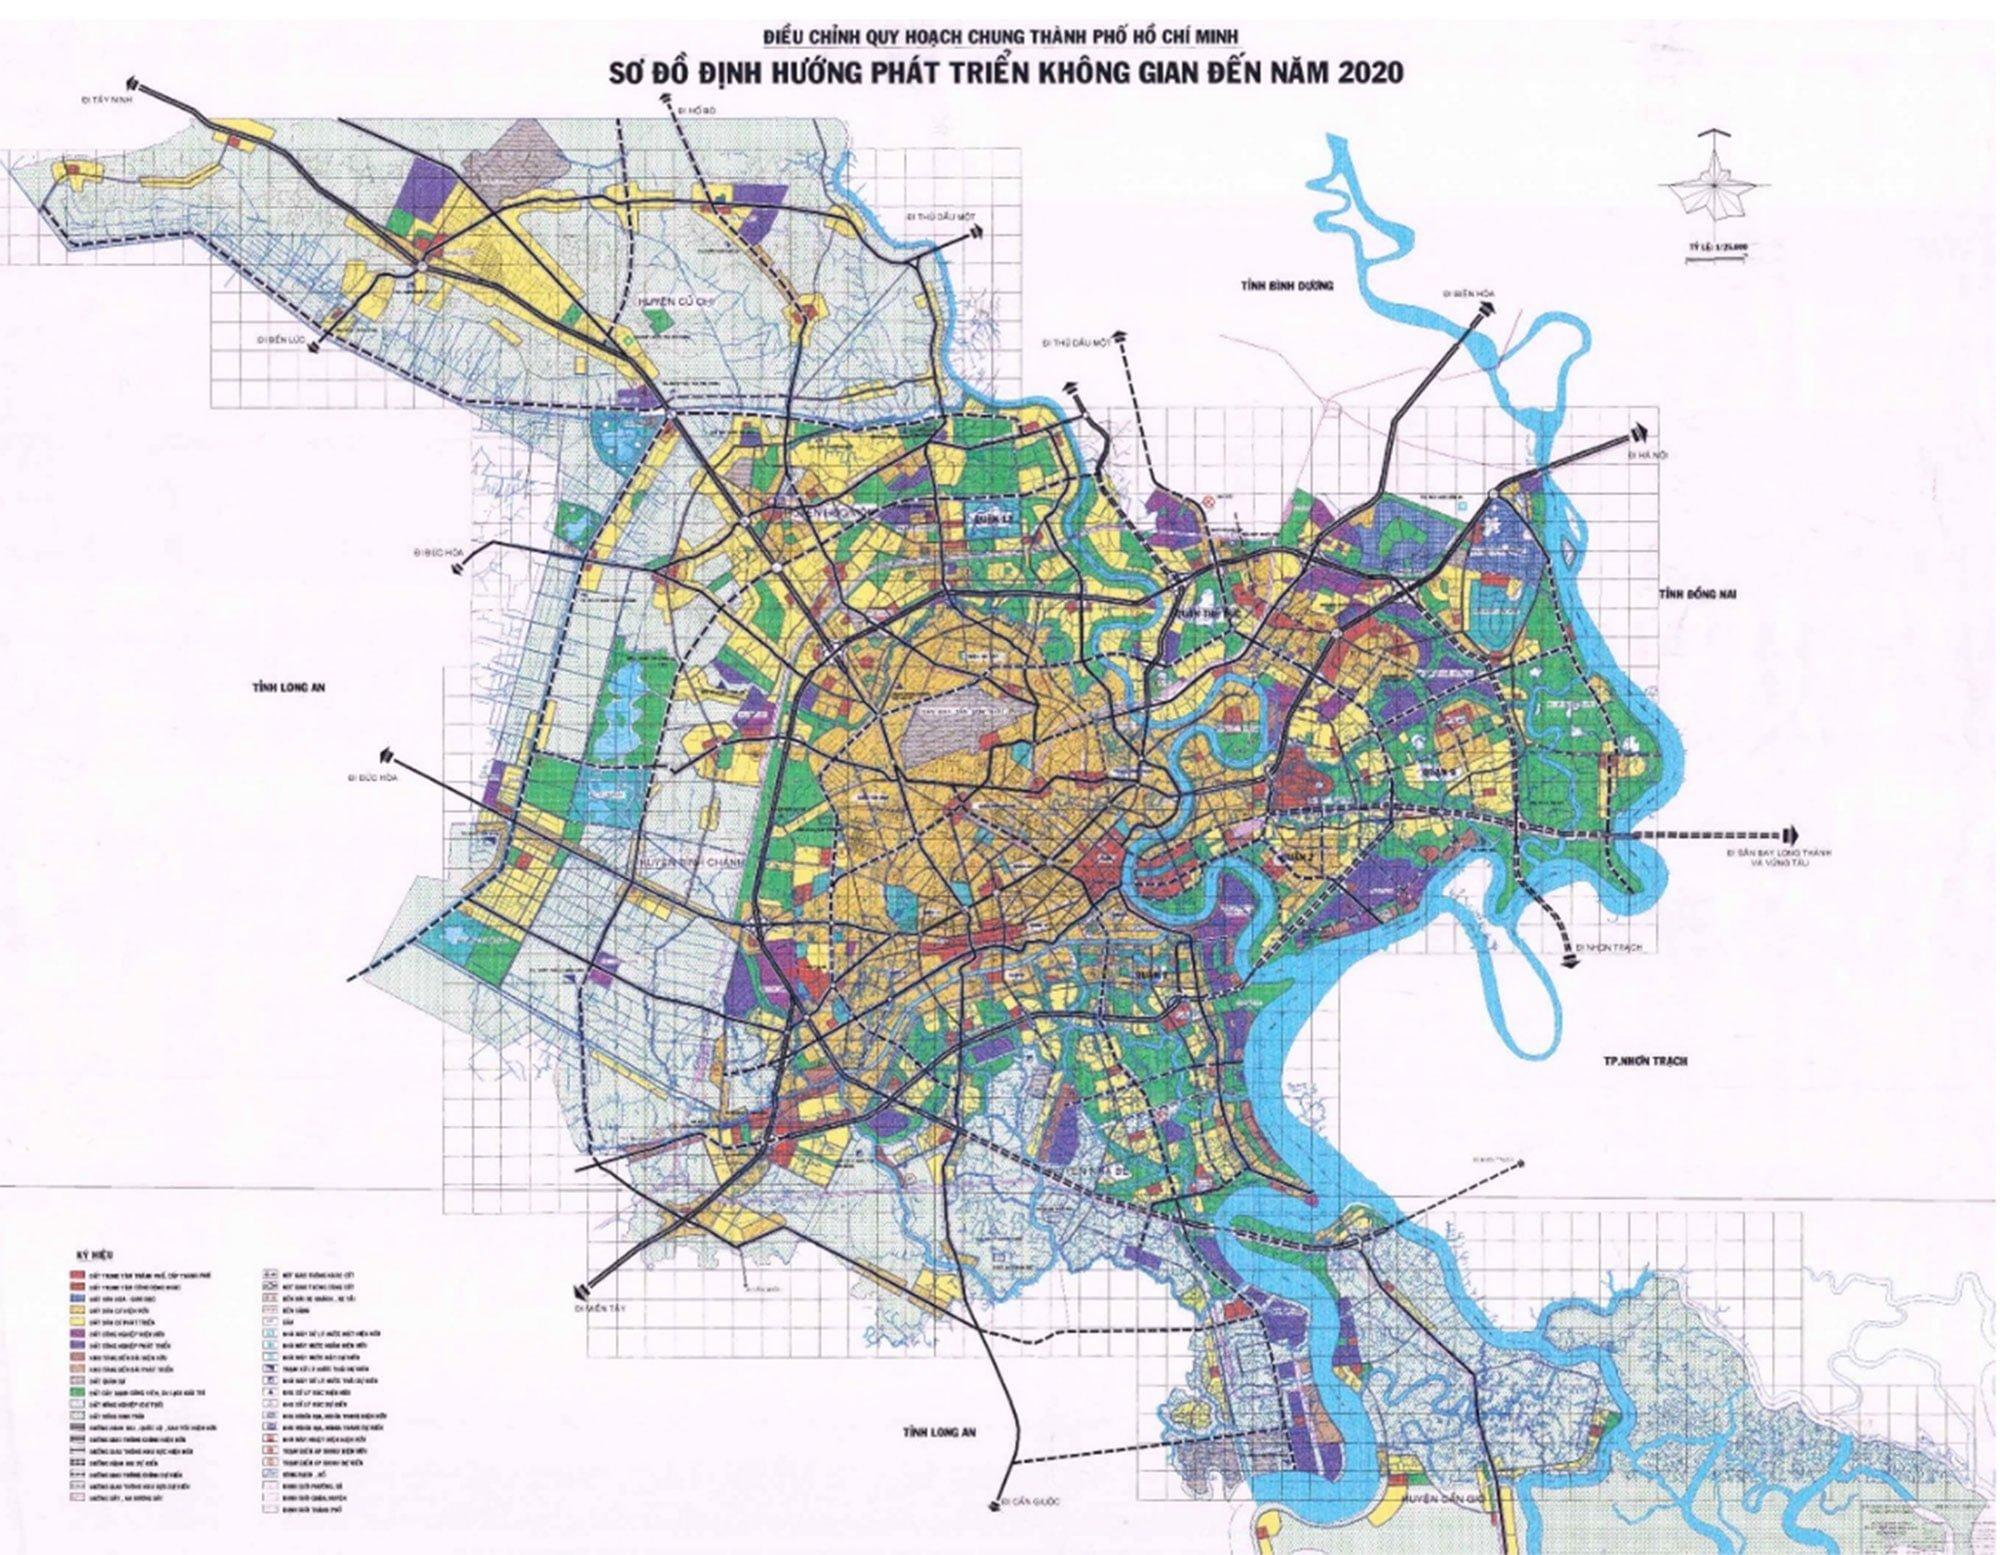 Sơ đồ định hướng phát triển không gian Tp. Hồ Chí Minh đến năm 2020